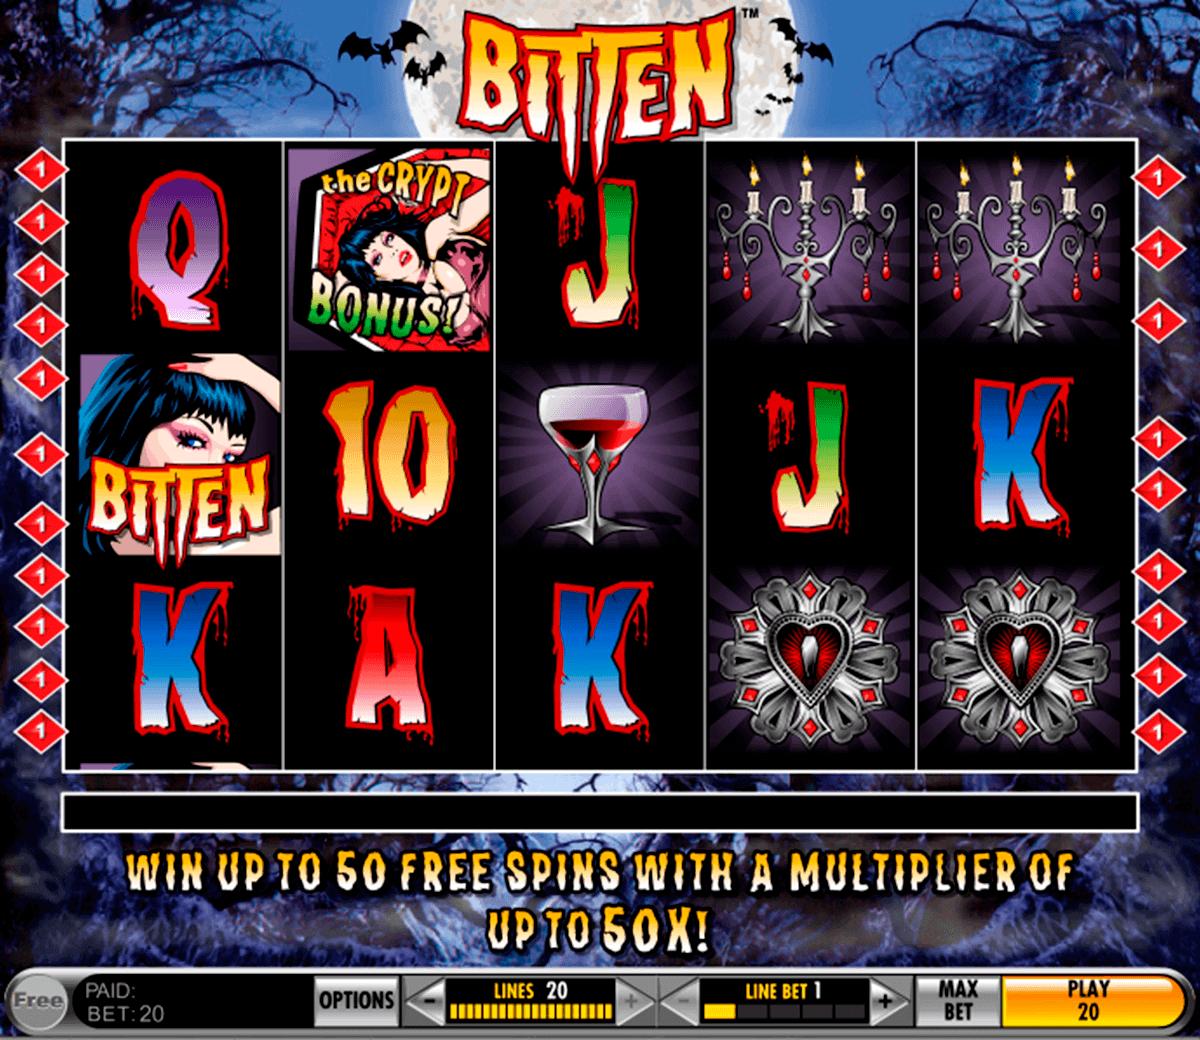 Tecknade casino spel - 91282